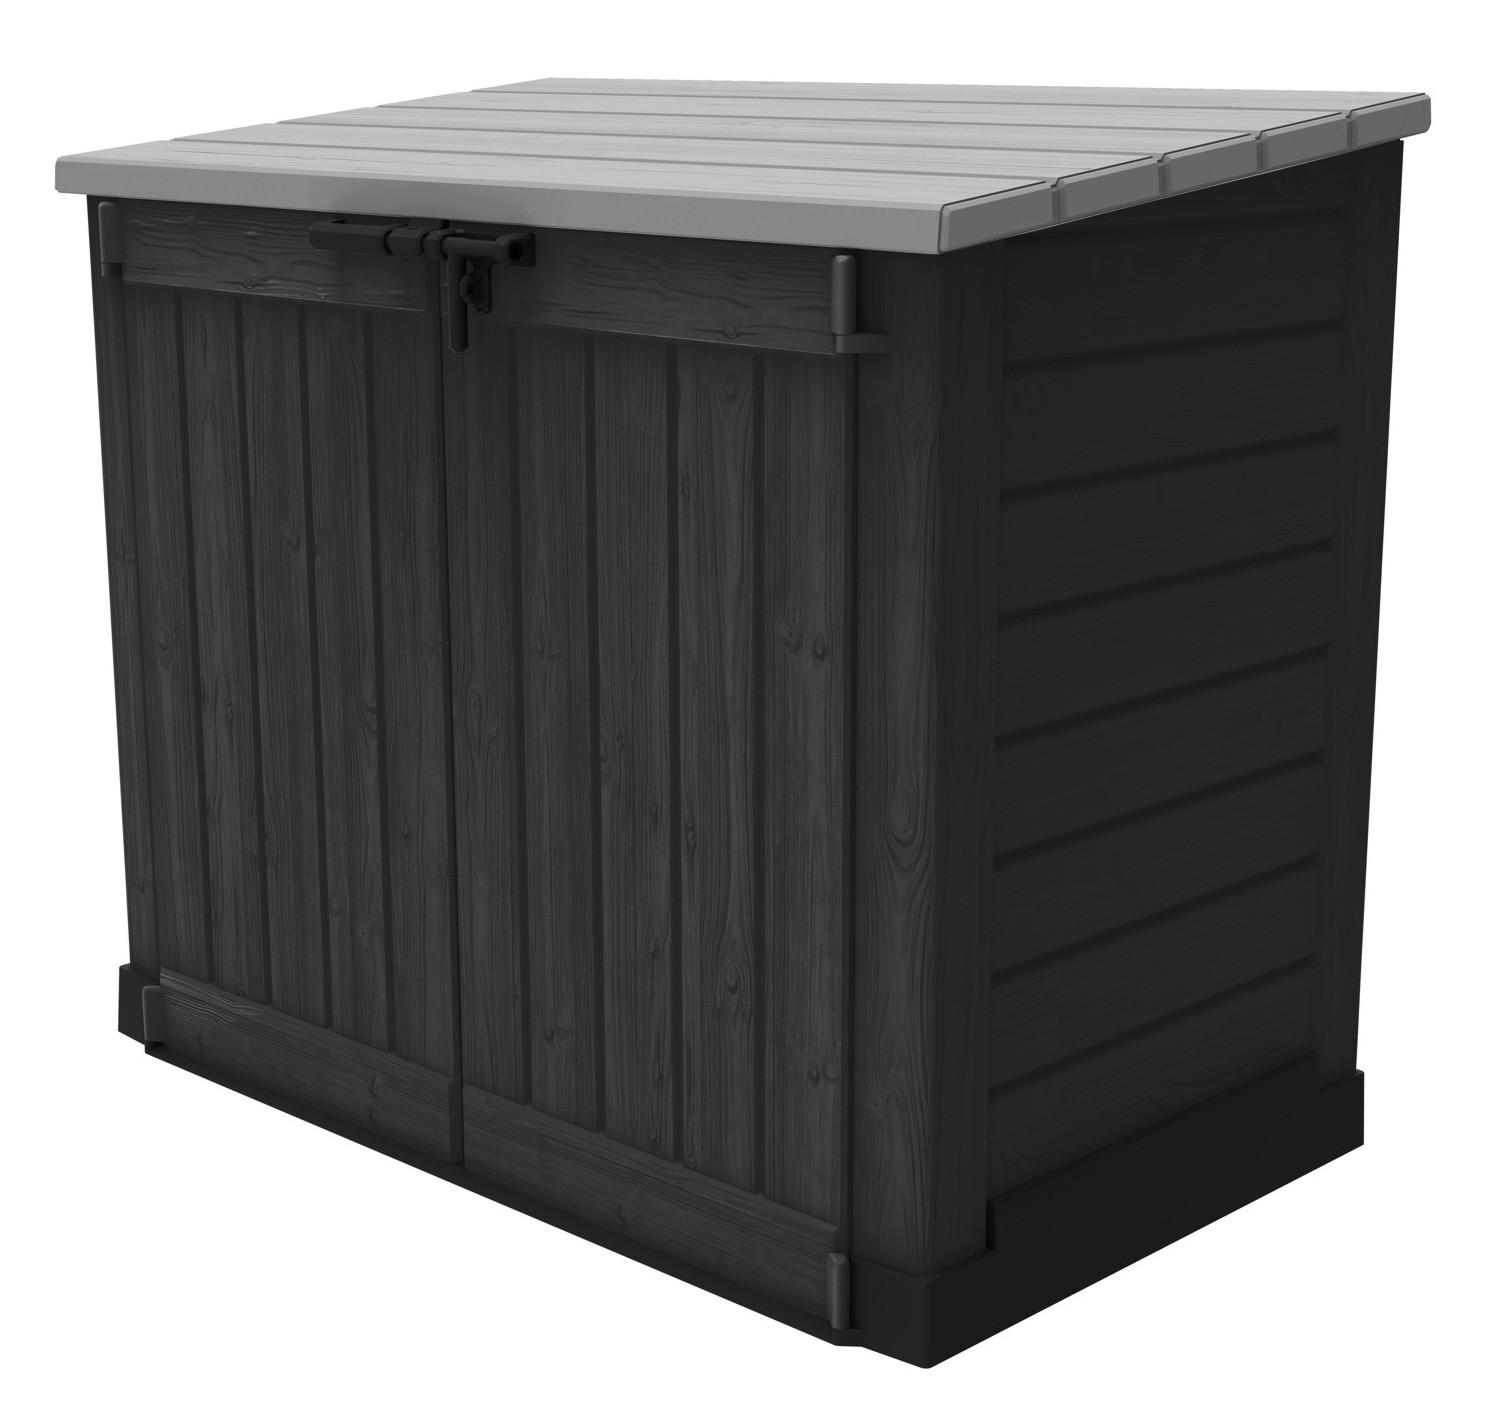 Gartenbox / Aufbewahrungsbox Keter Store It Out Max 146x82x125cm anthr Bild 1